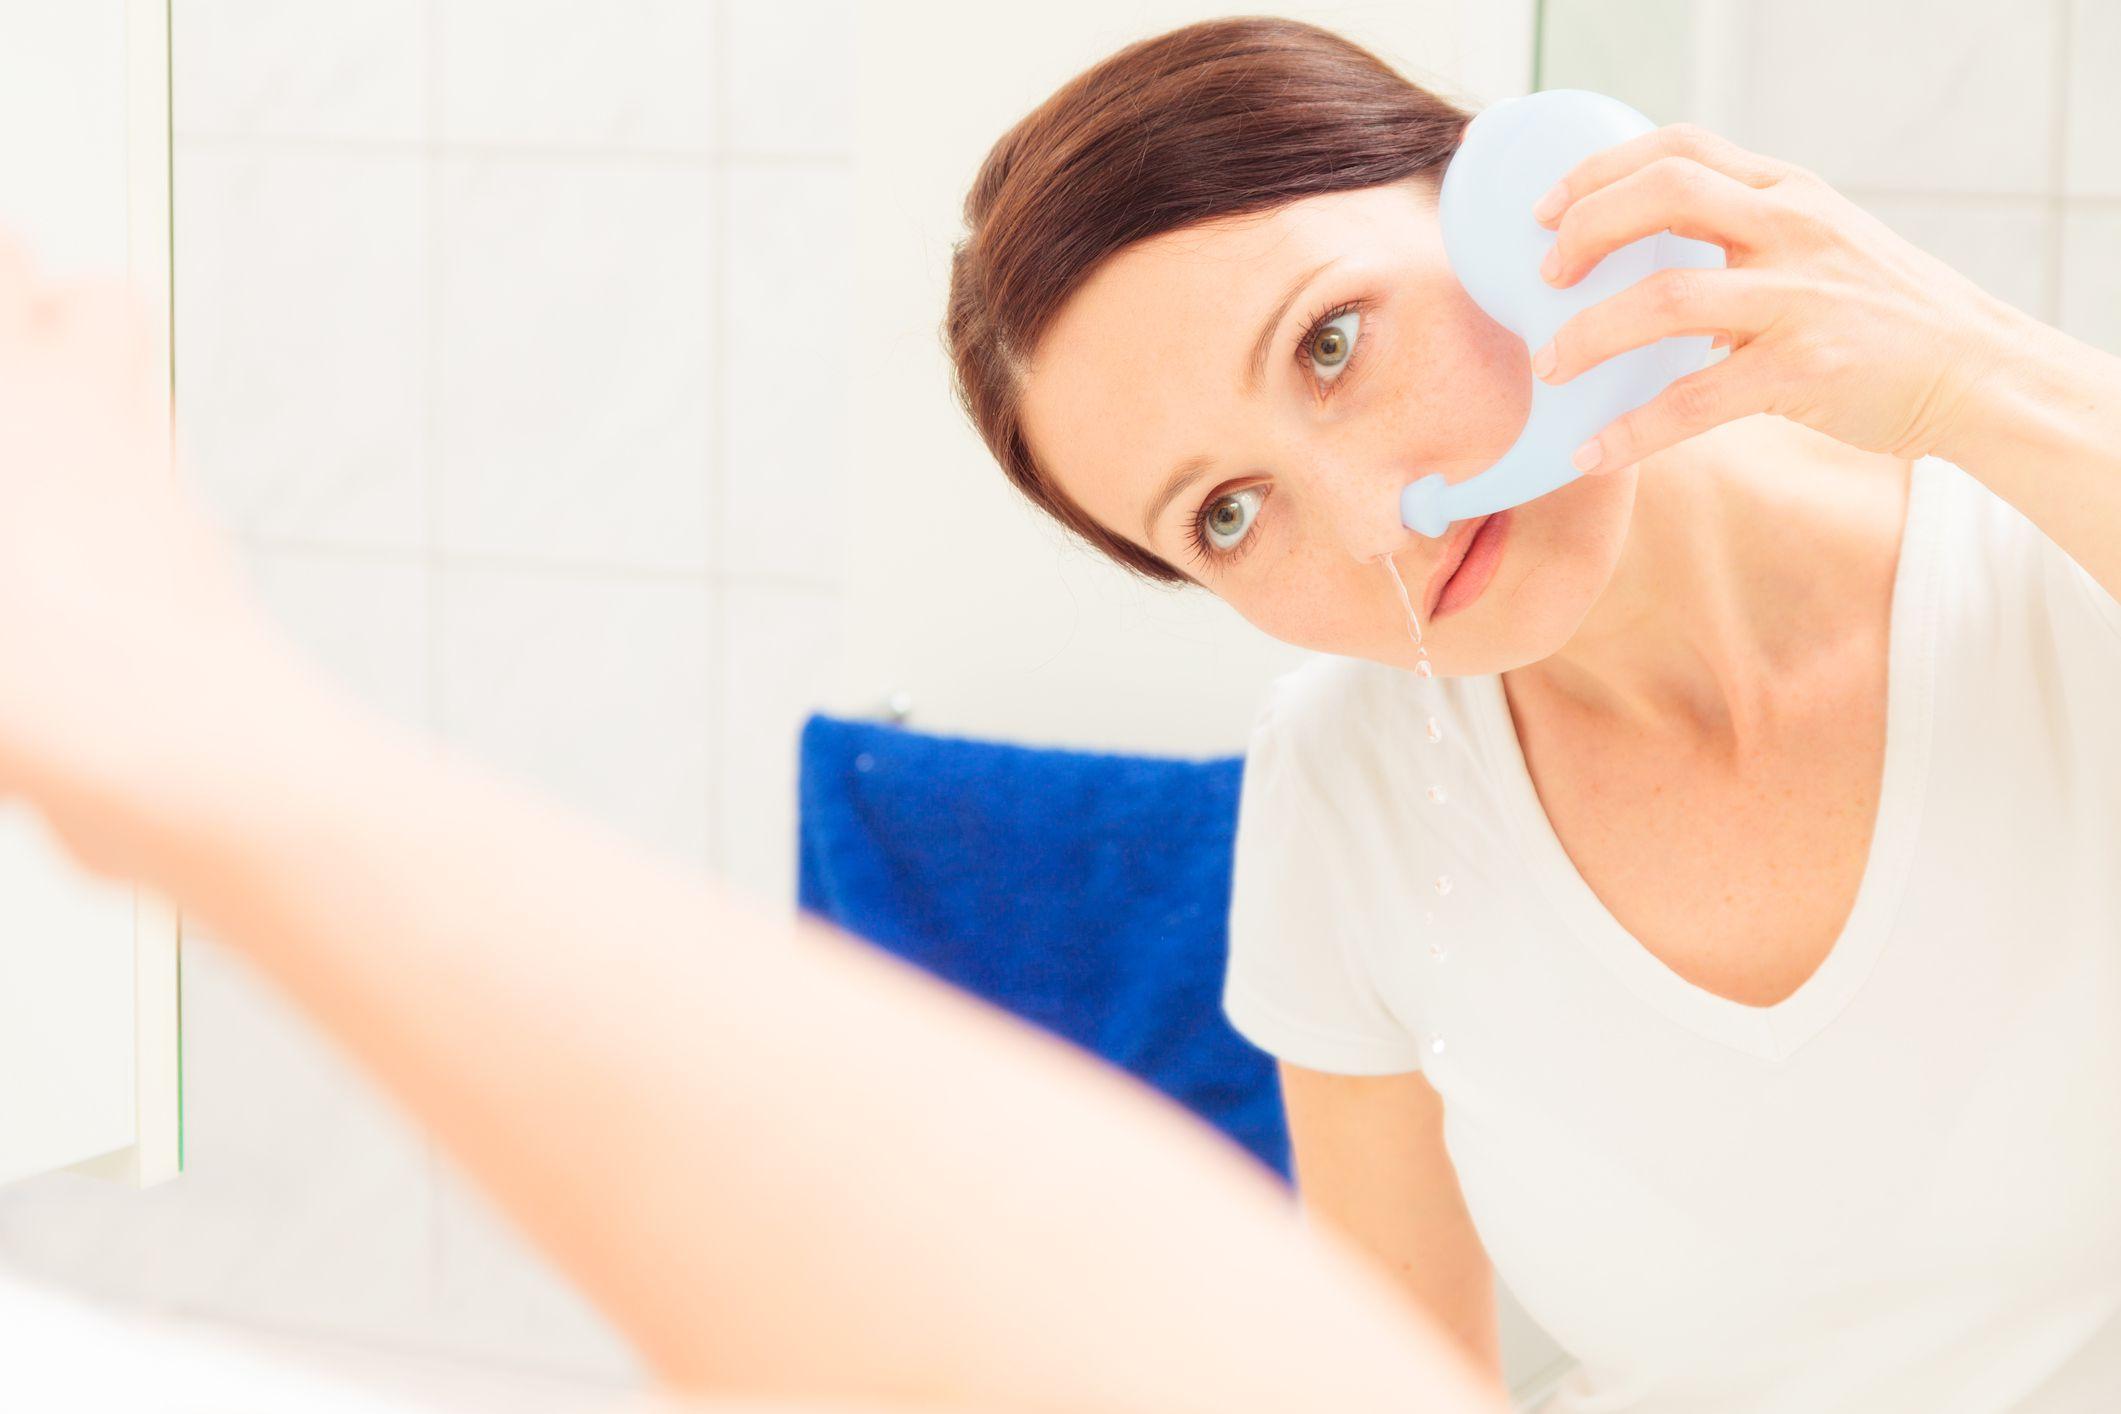 Приготовить солевой раствор для промывания носа в домашних условиях